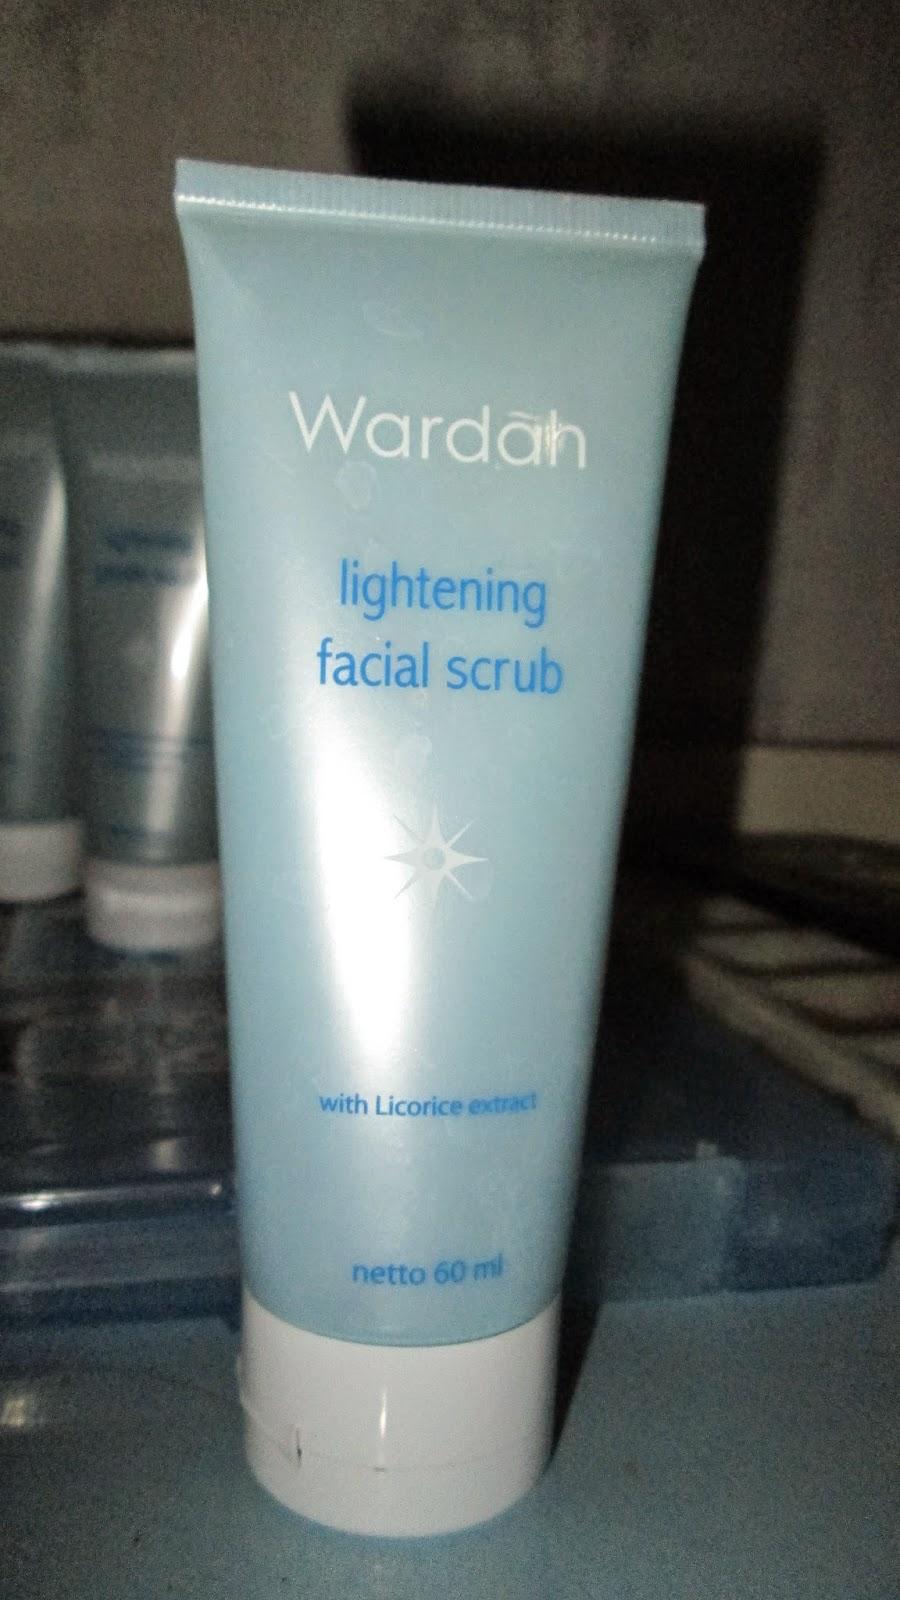 Review Wardah Lightening Series Recommended Spicysugar Facial Scrub Nah Produk Terakhir Yang Saya Beli Ini Sebenernya Adalah Inti Kalo Mau Mencerahkan Kulit Serum Di Mirota Pas Hari Jumat